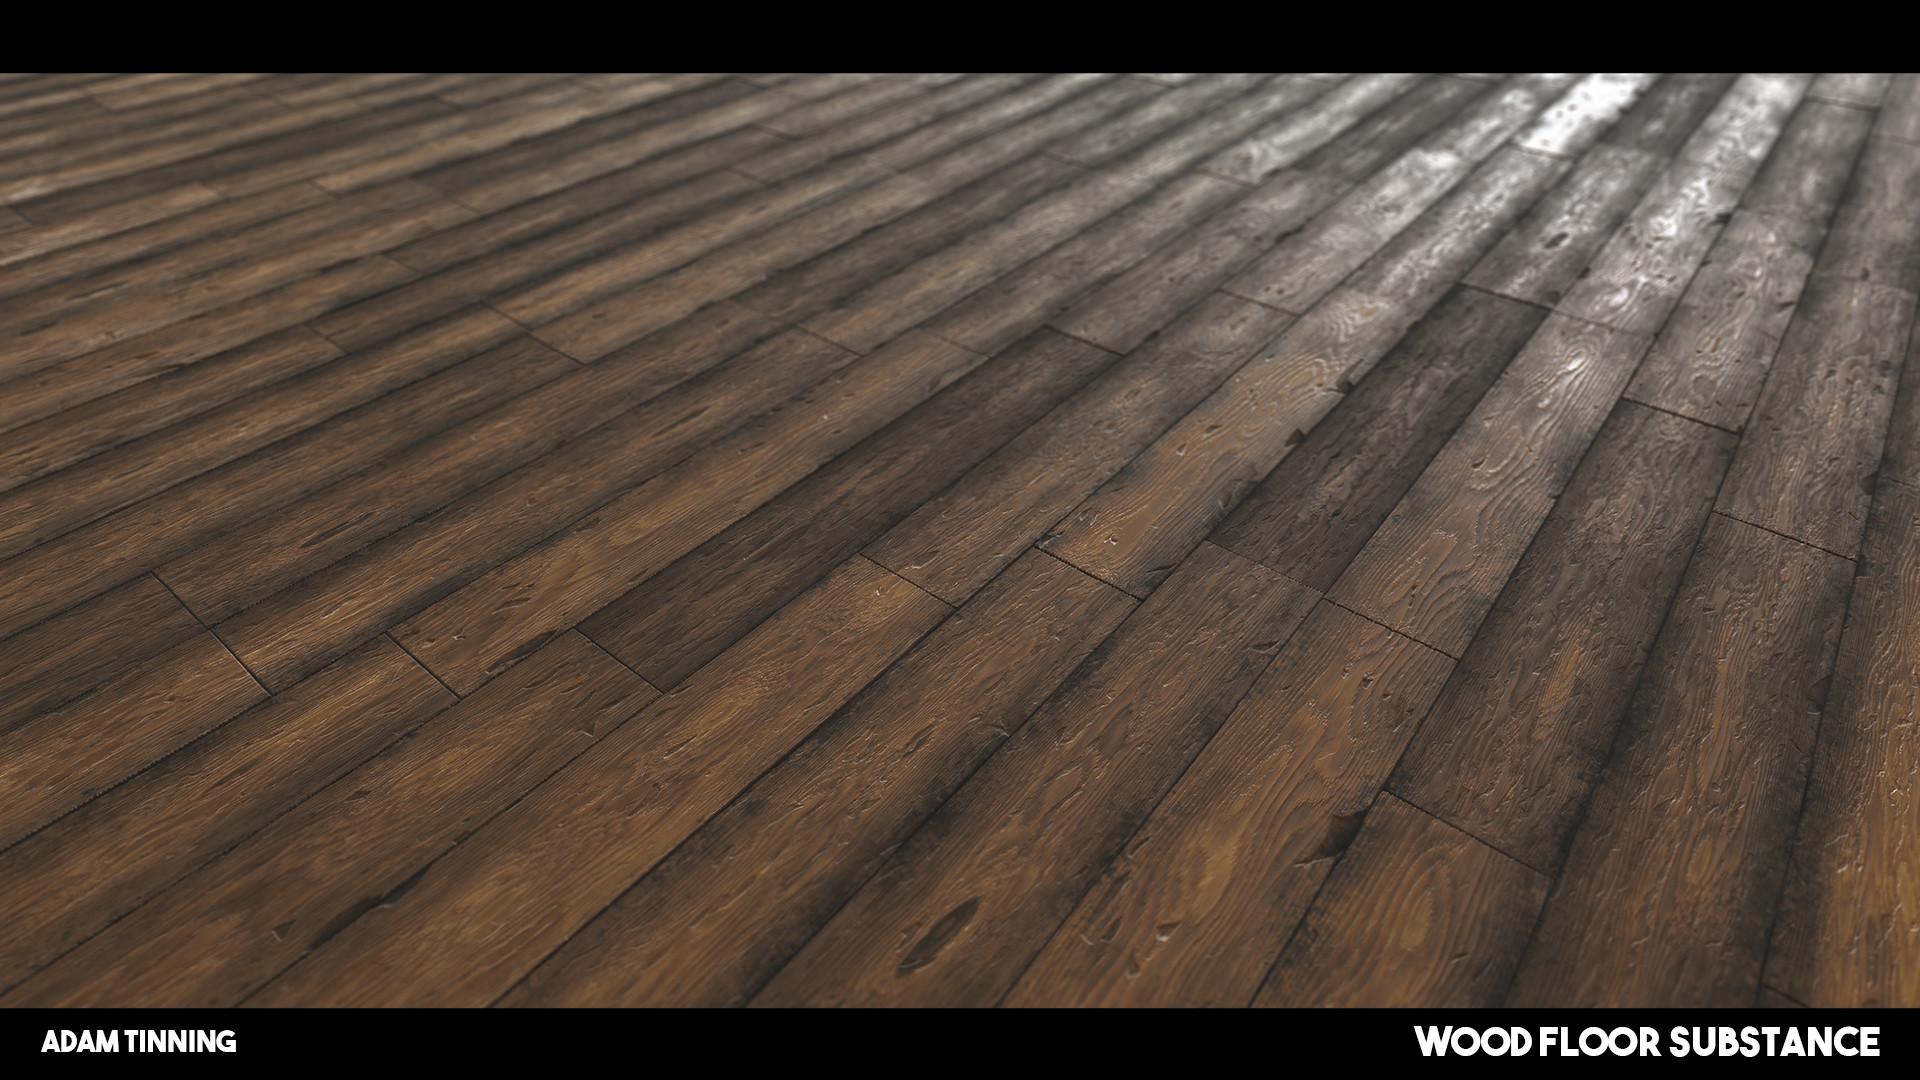 Adam tinning woodfloor 01